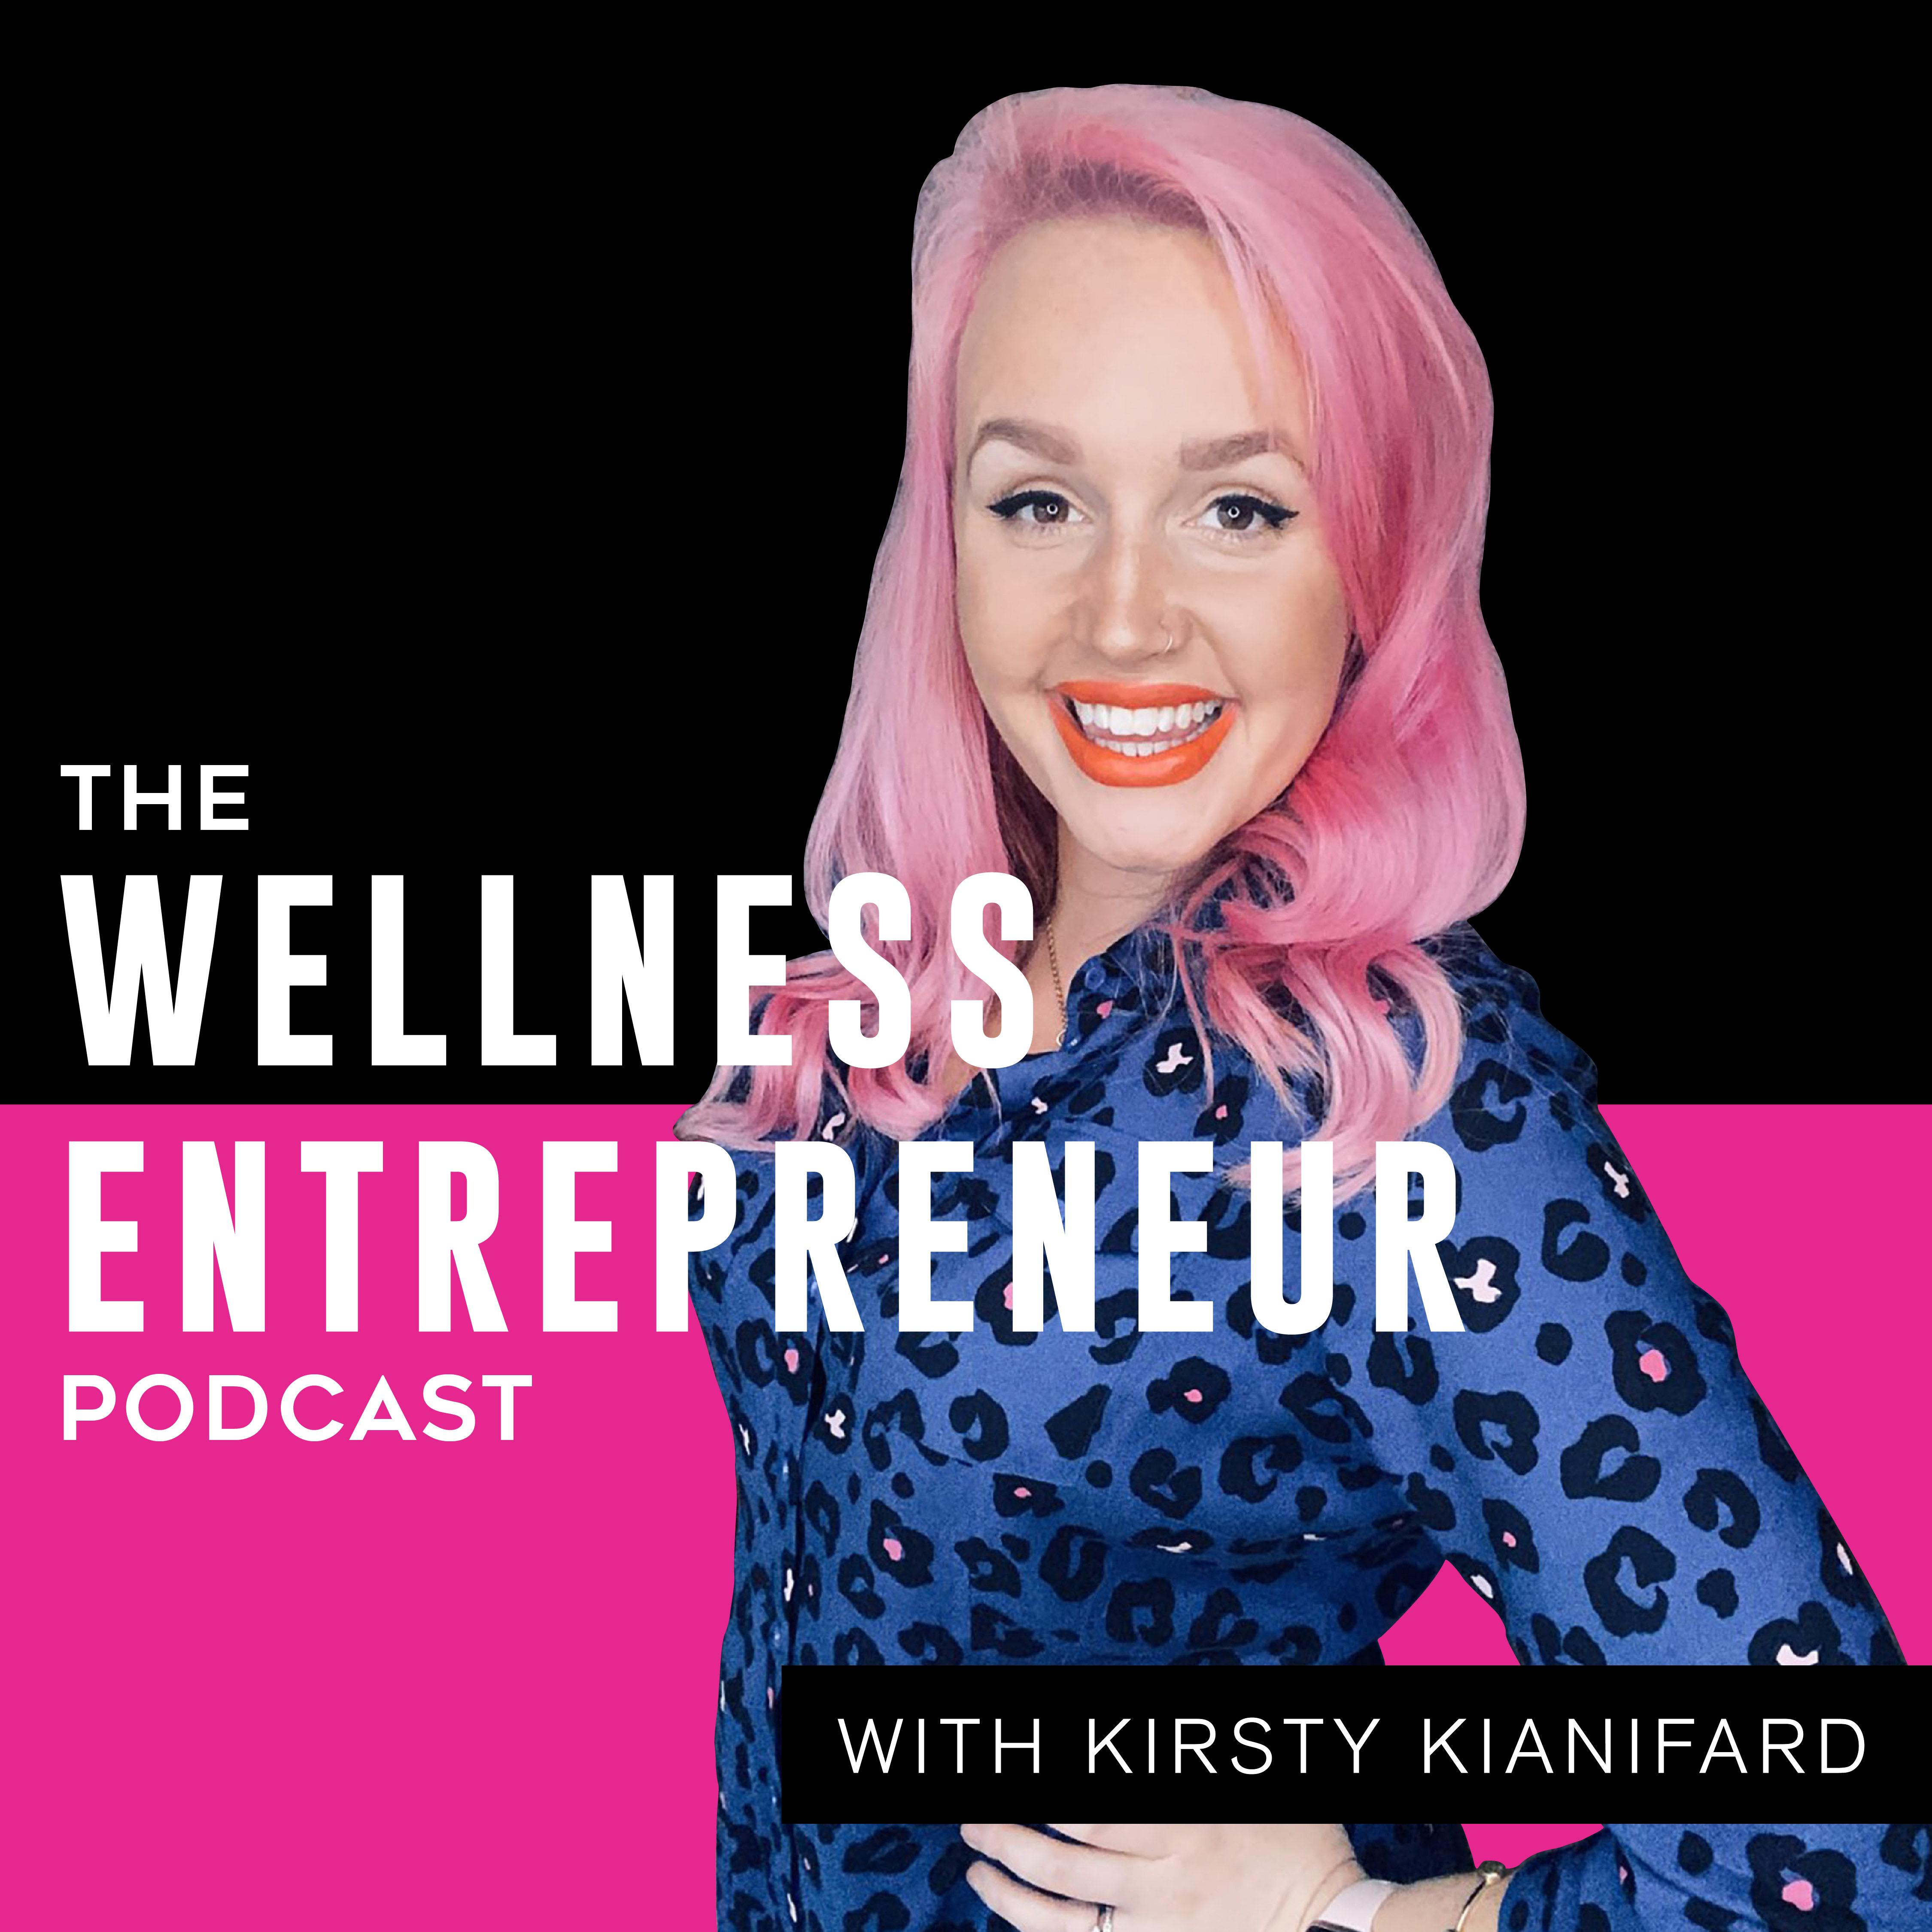 The Wellness Entrepreneur Podcast show art